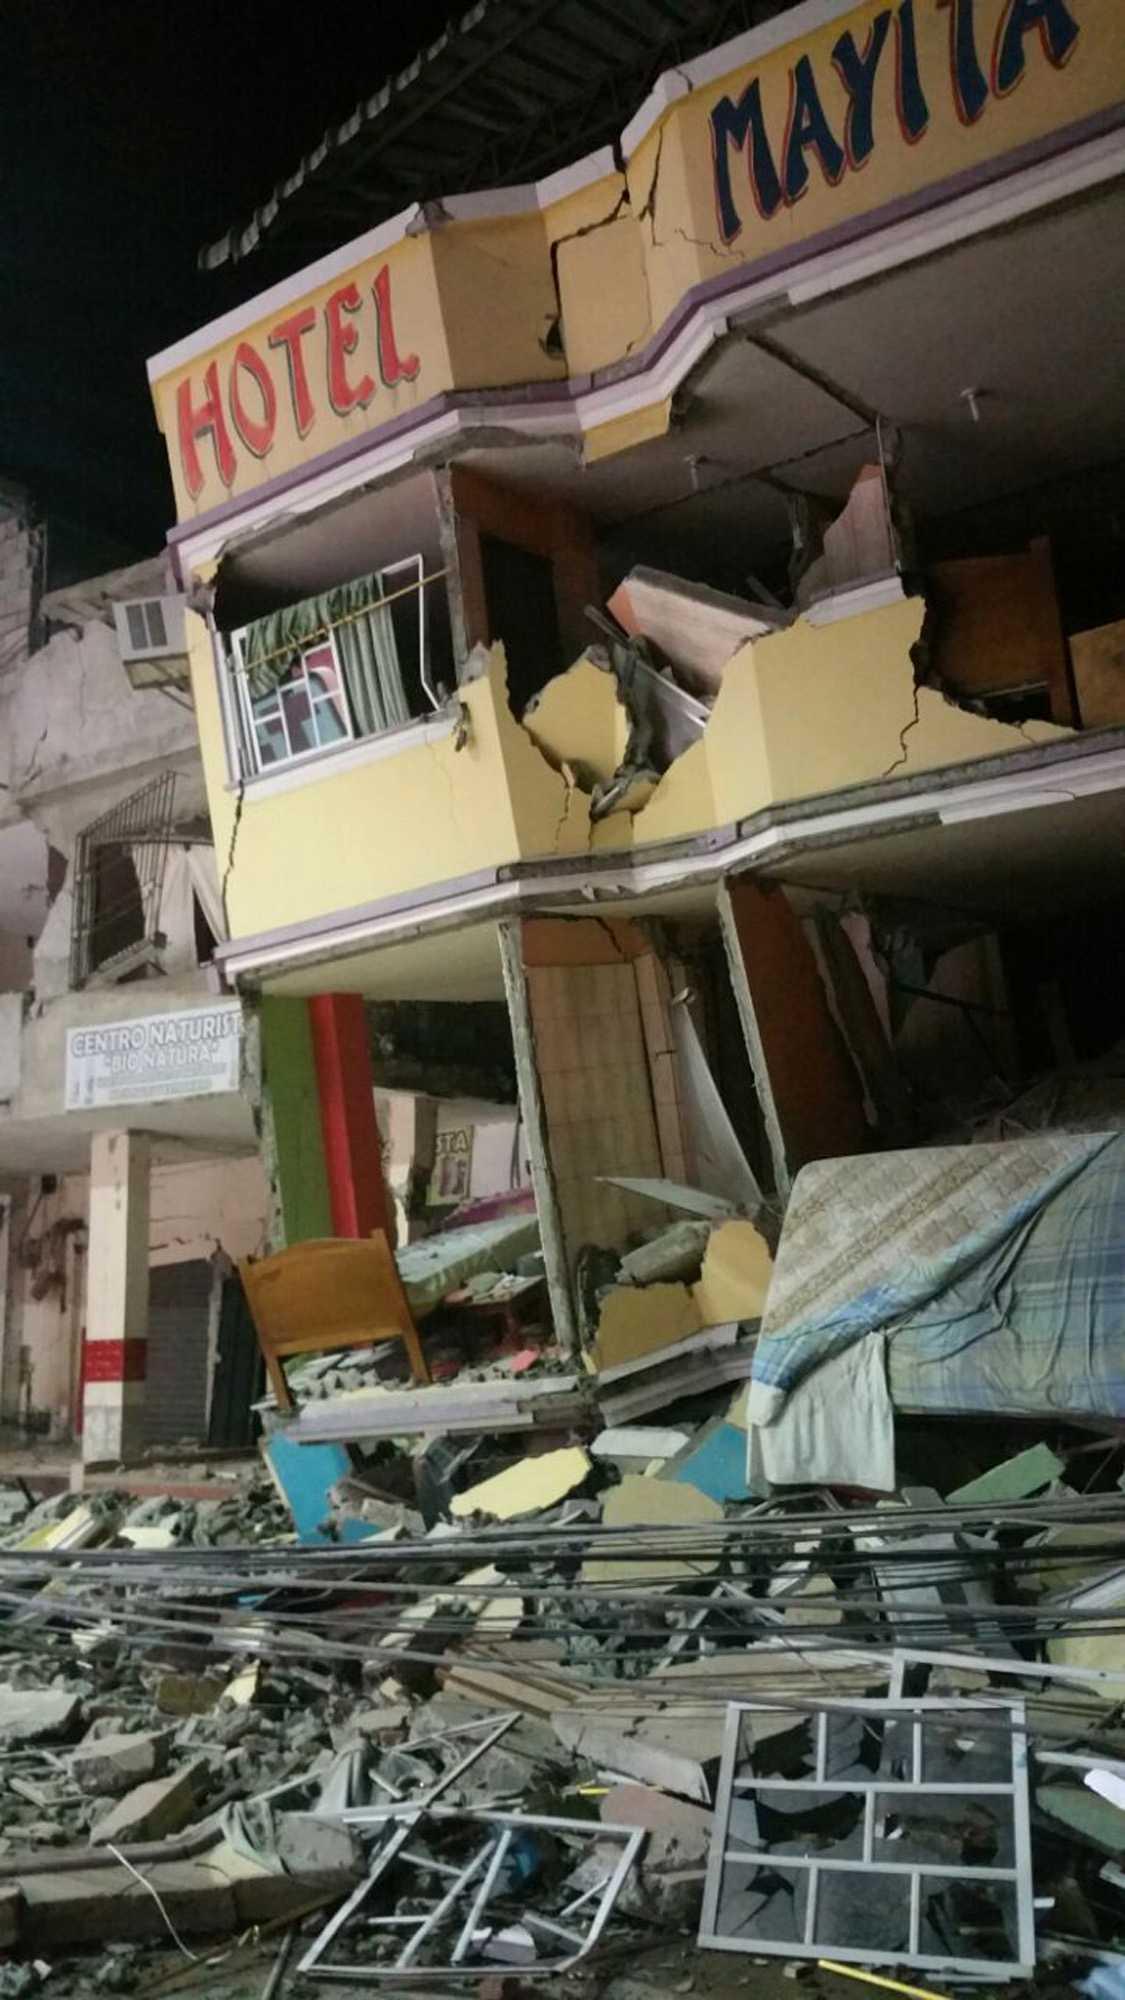 Ett hotell har nästan helt rasat ihop i Manta, Ecuador.